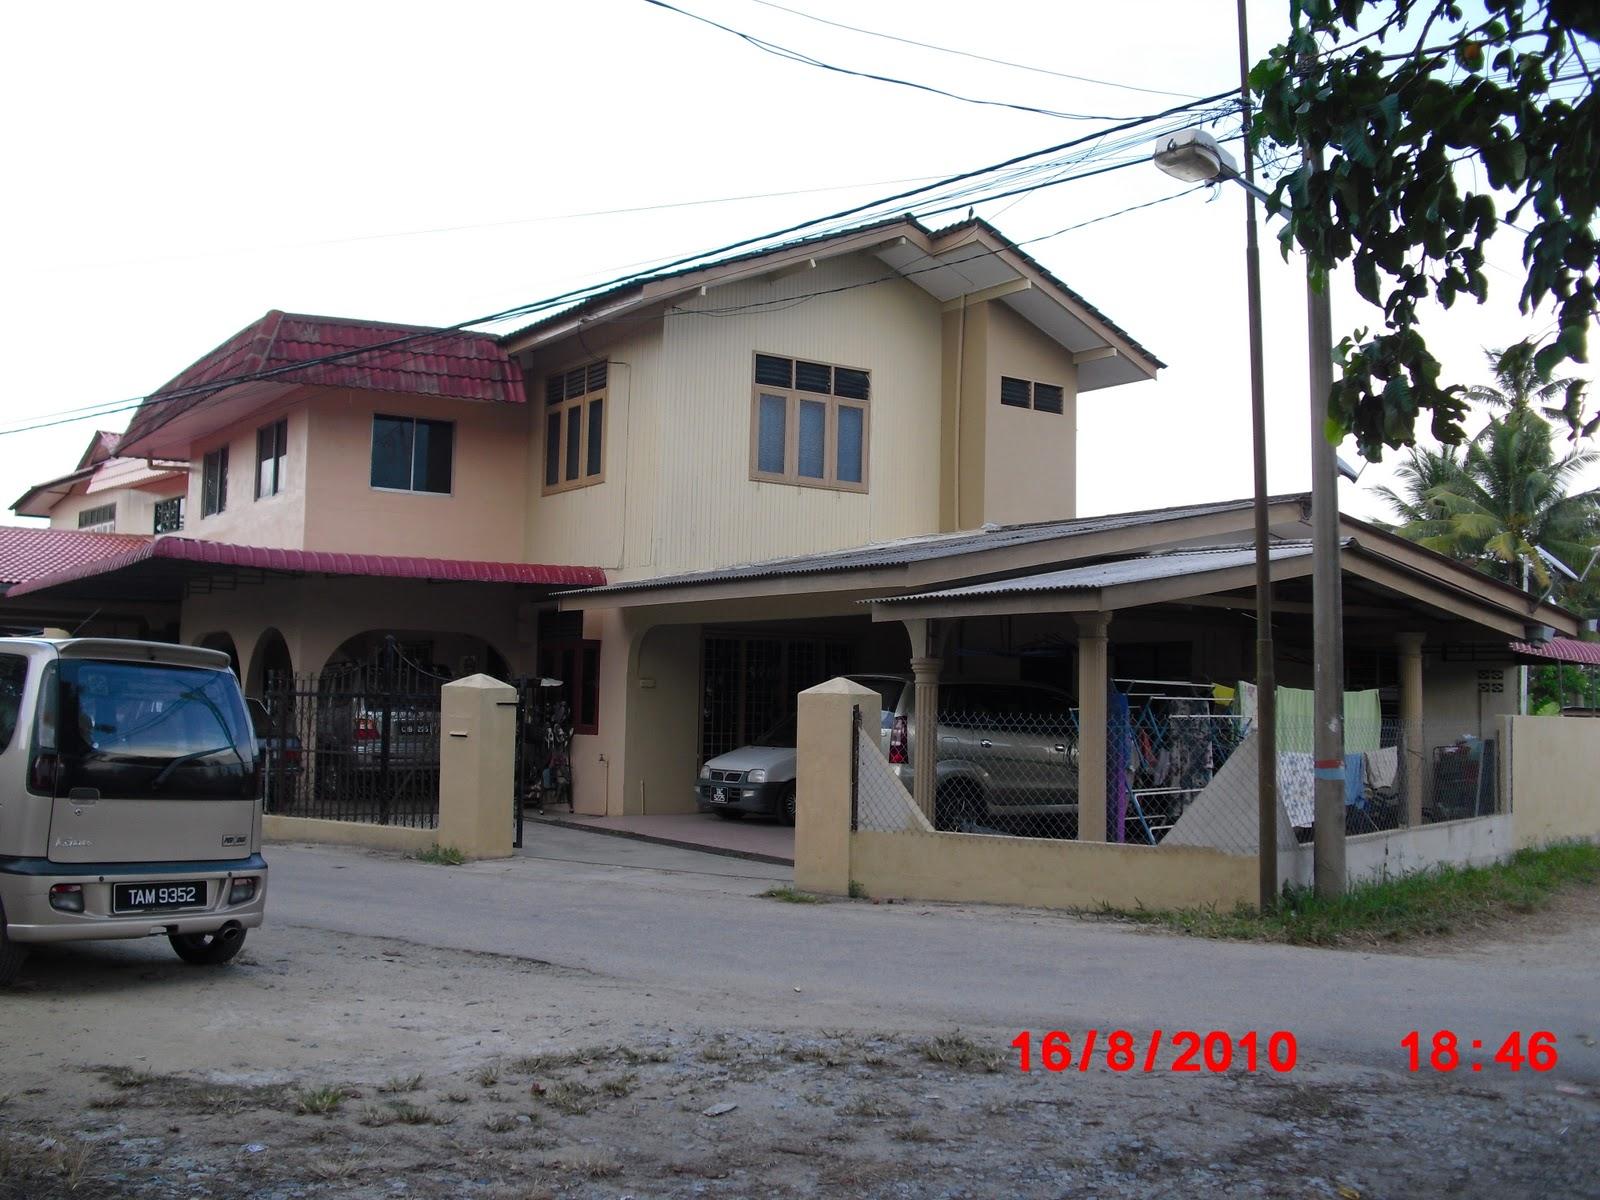 Kontraktor Ubahsuai Rumah Tukangmy | Kontraktor Bina